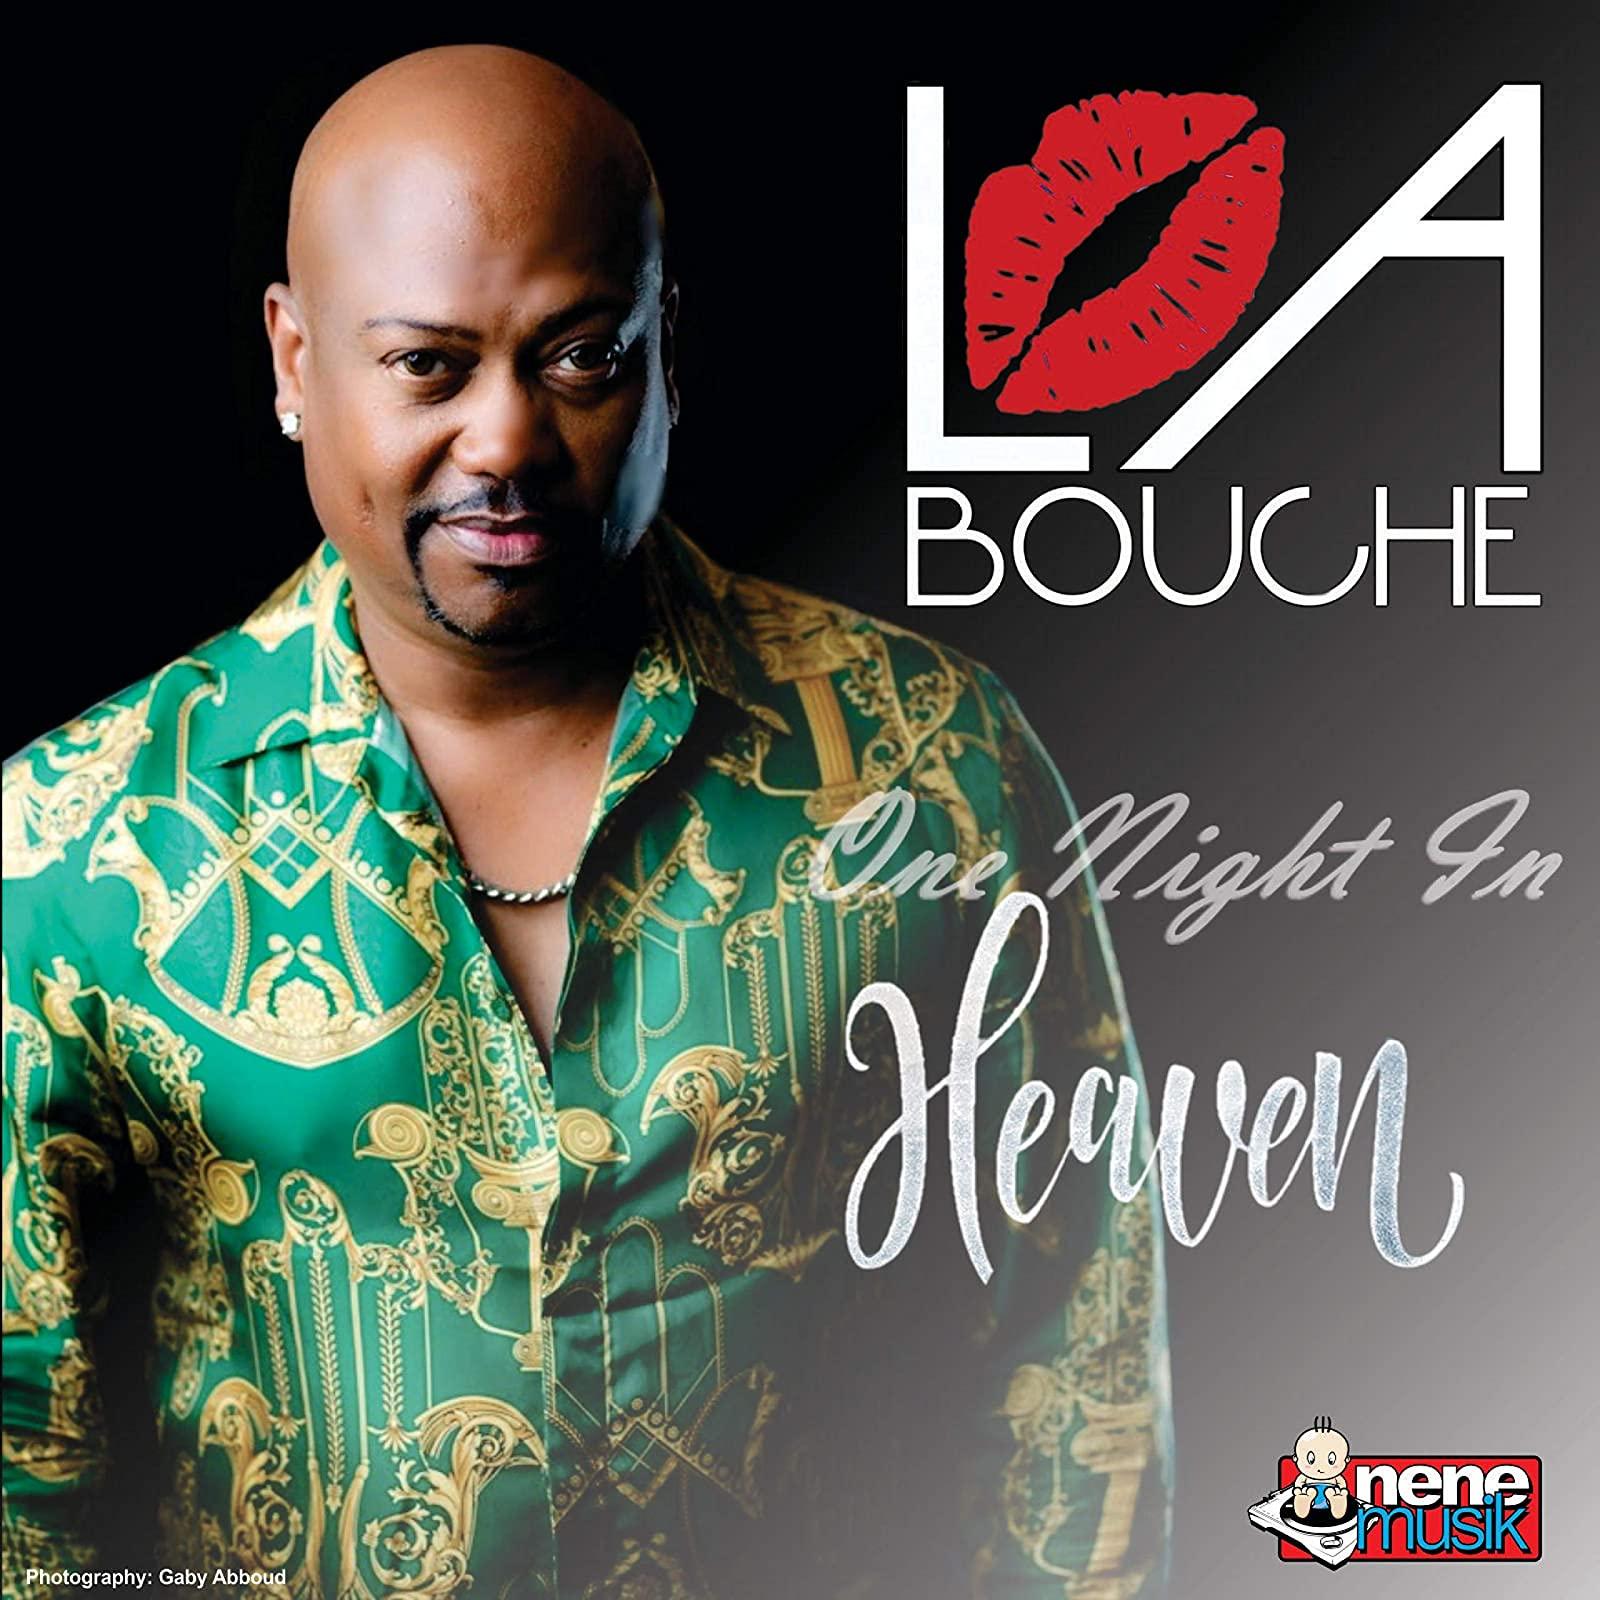 La Bouche new single is entitled One Night In Heaven